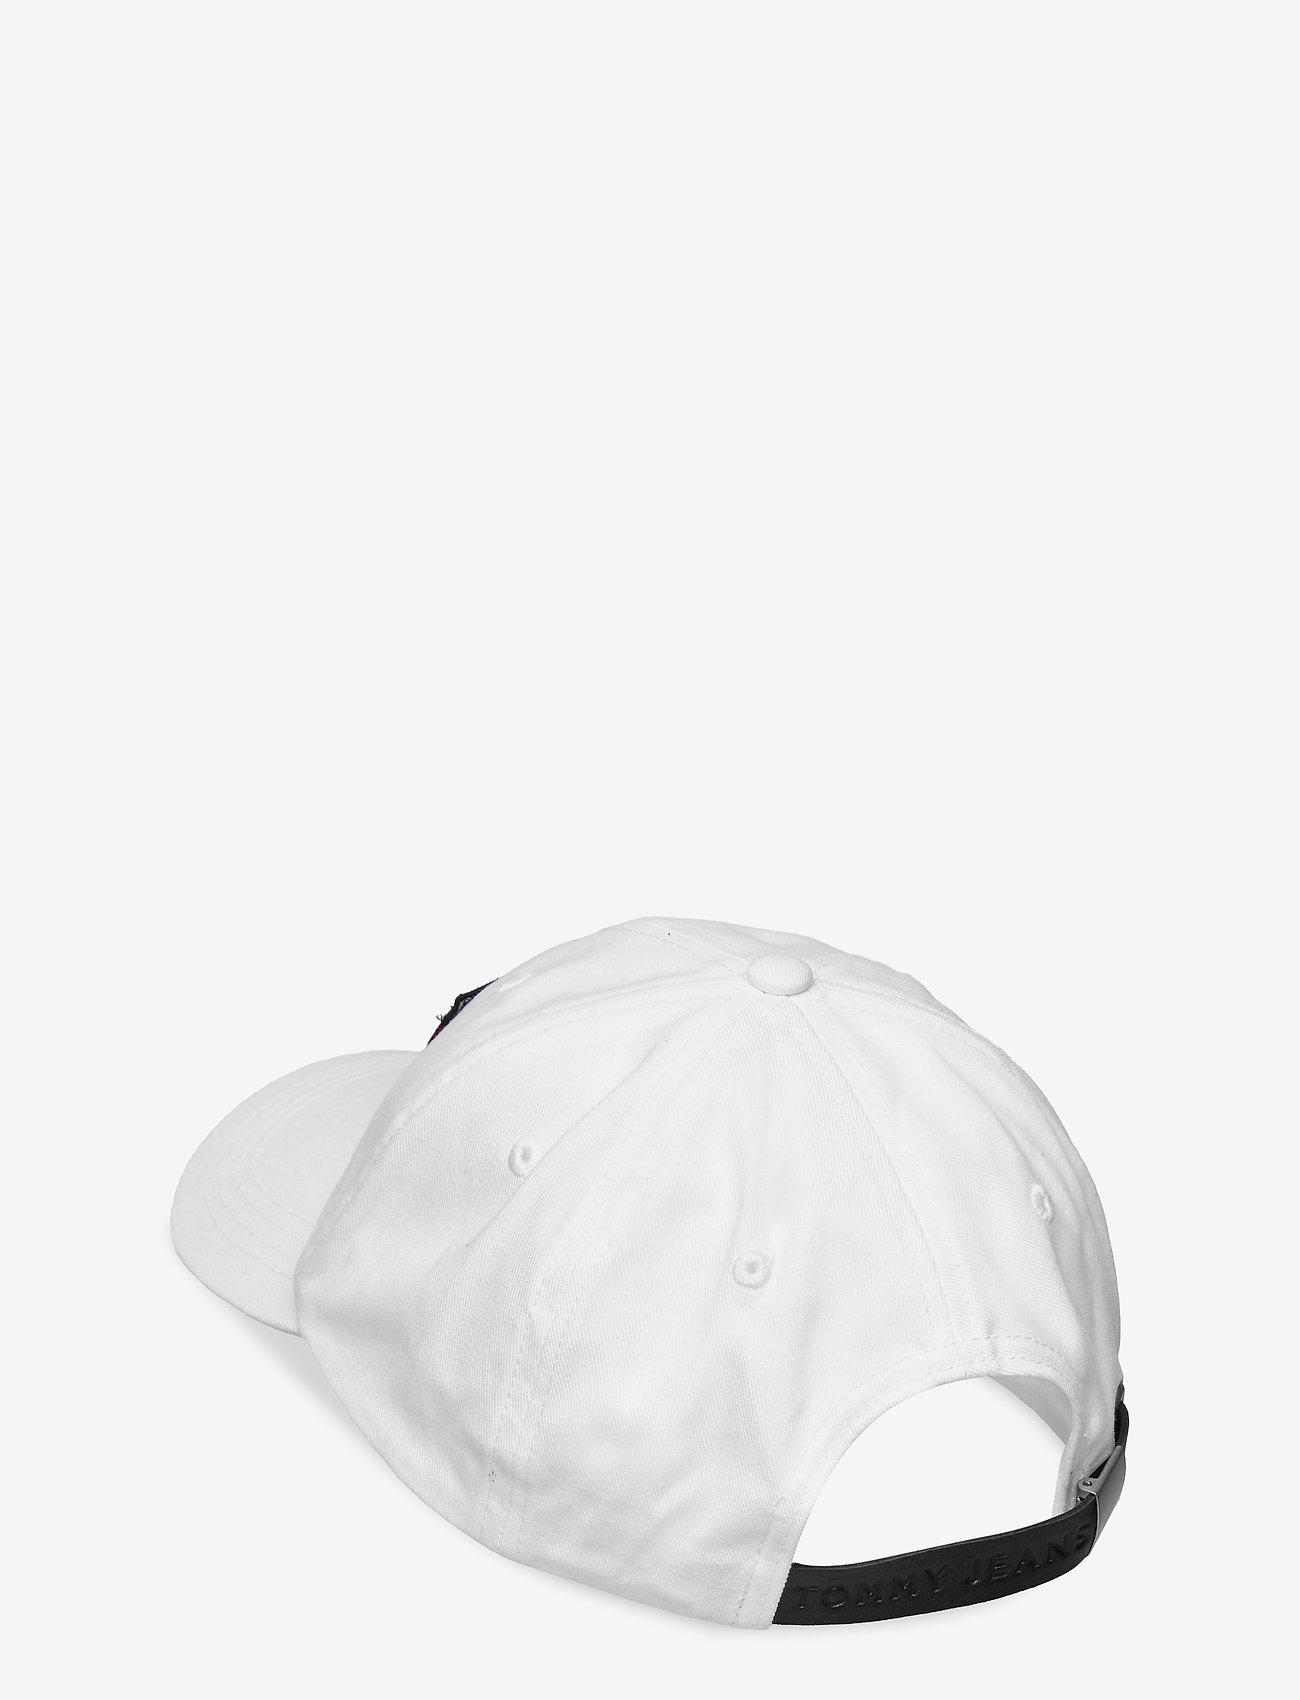 Tommy Hilfiger - TJM HERITAGE CAP - kasketter - white - 1